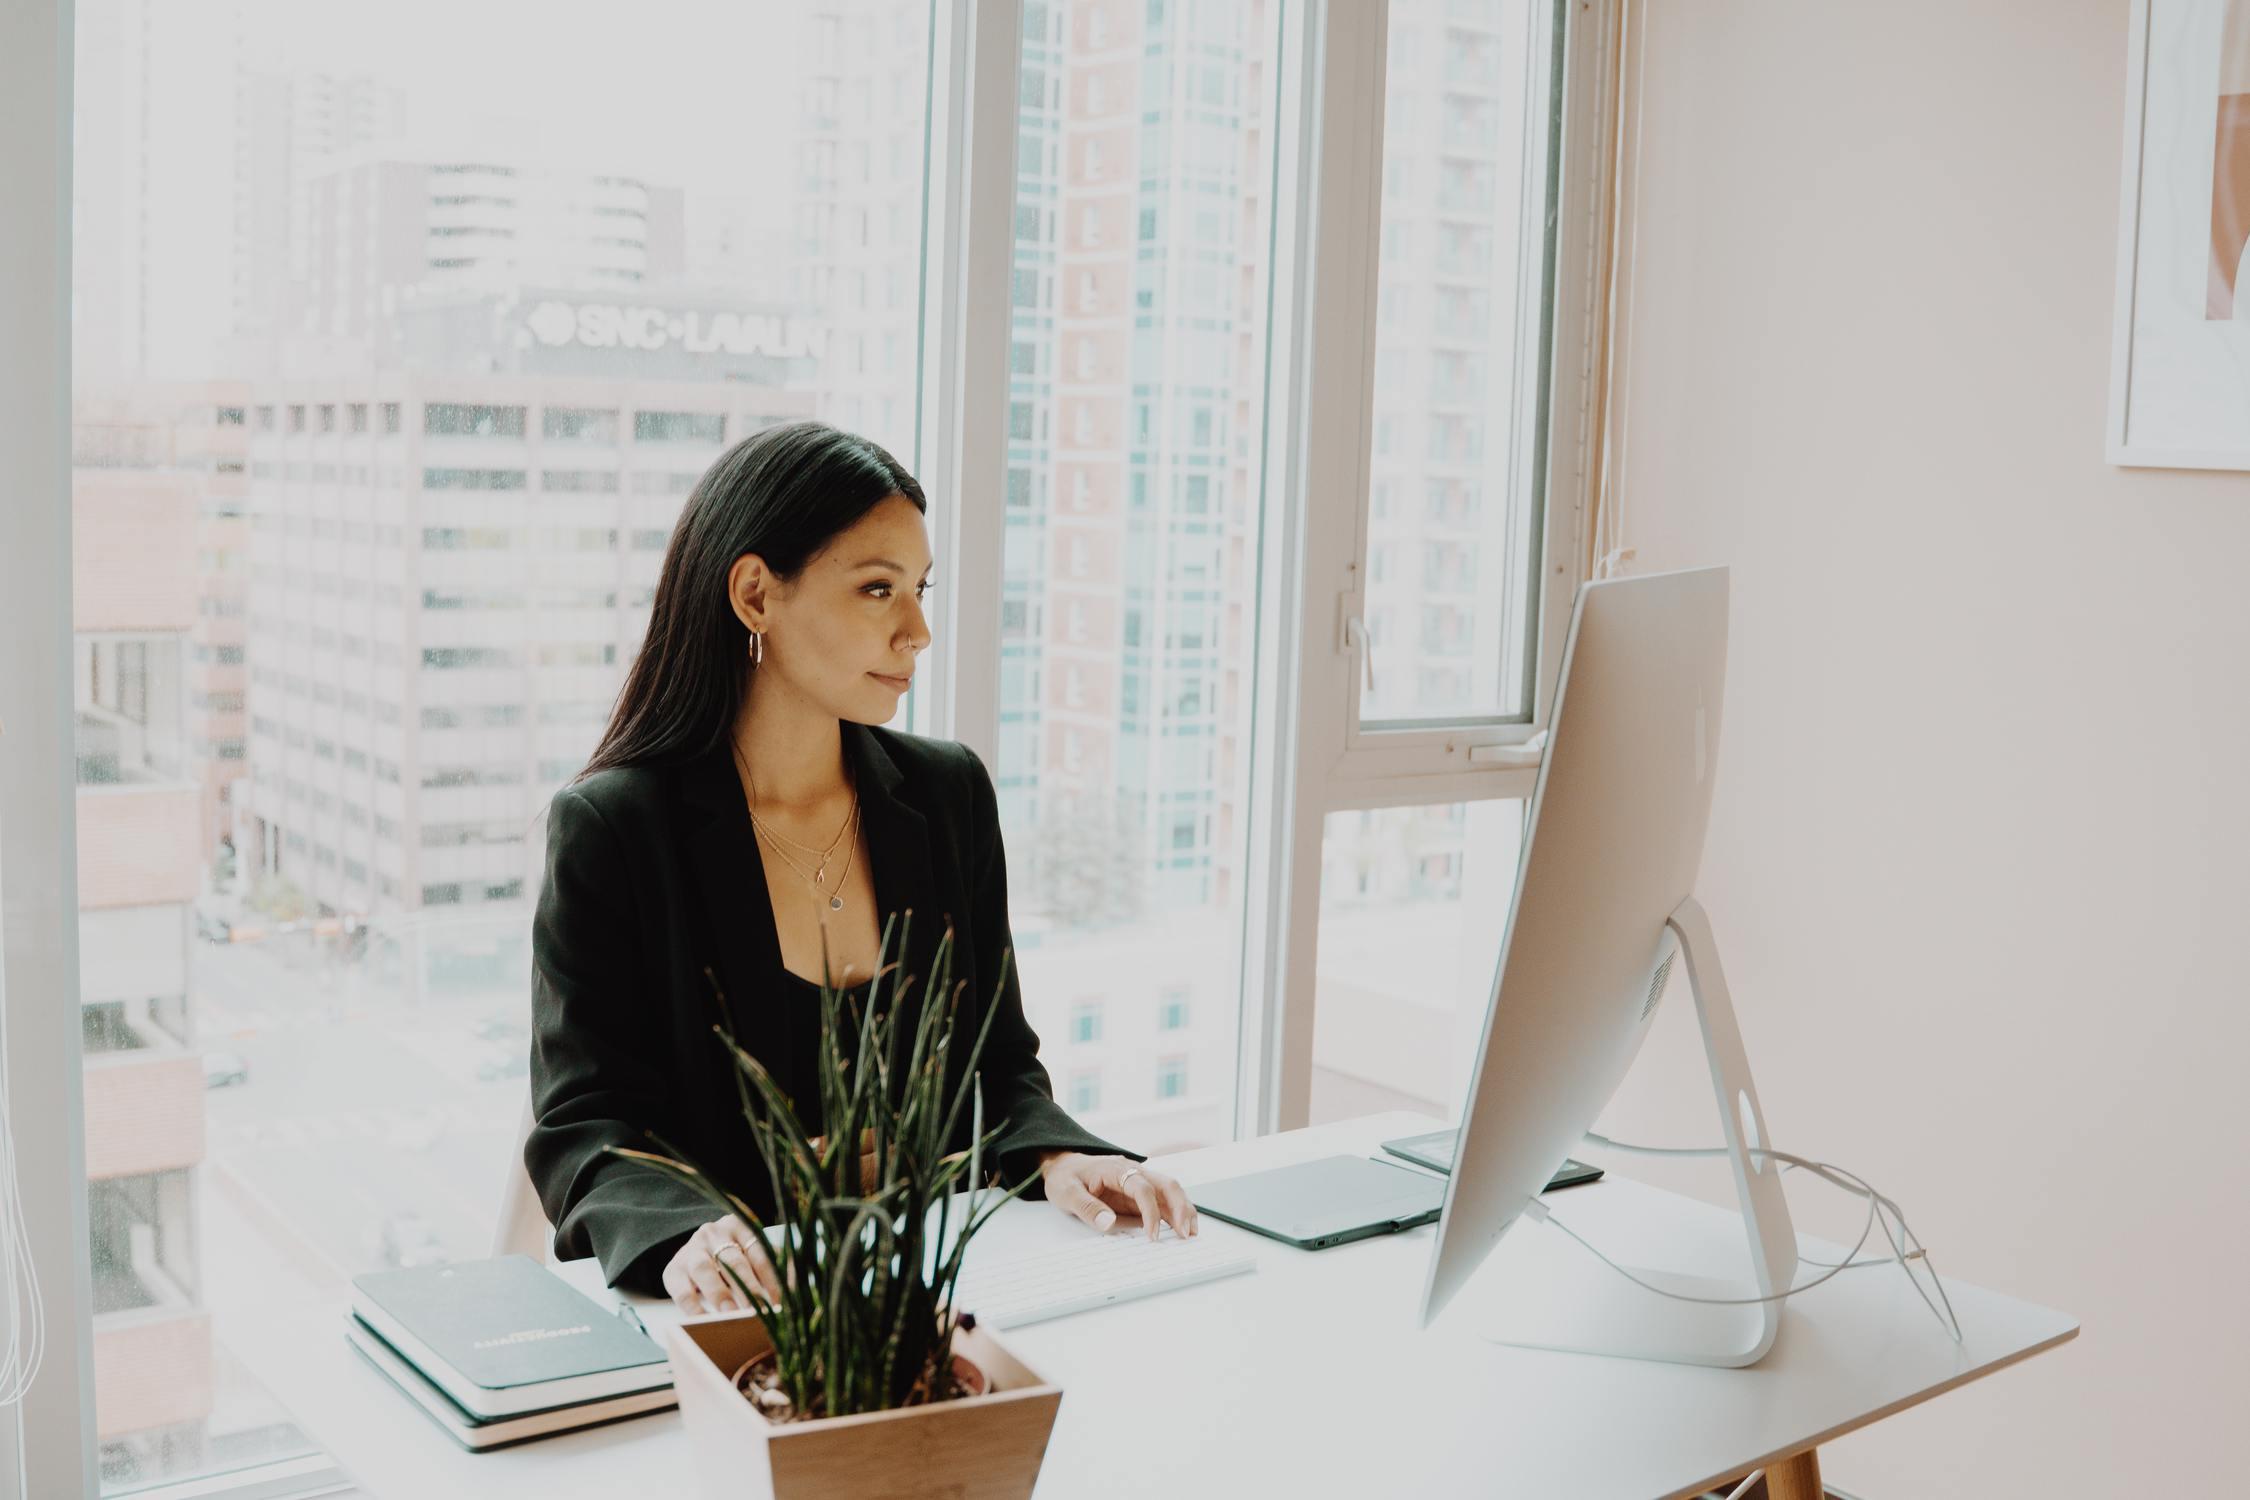 Junge Frau sitzt vor Computer und lächelt